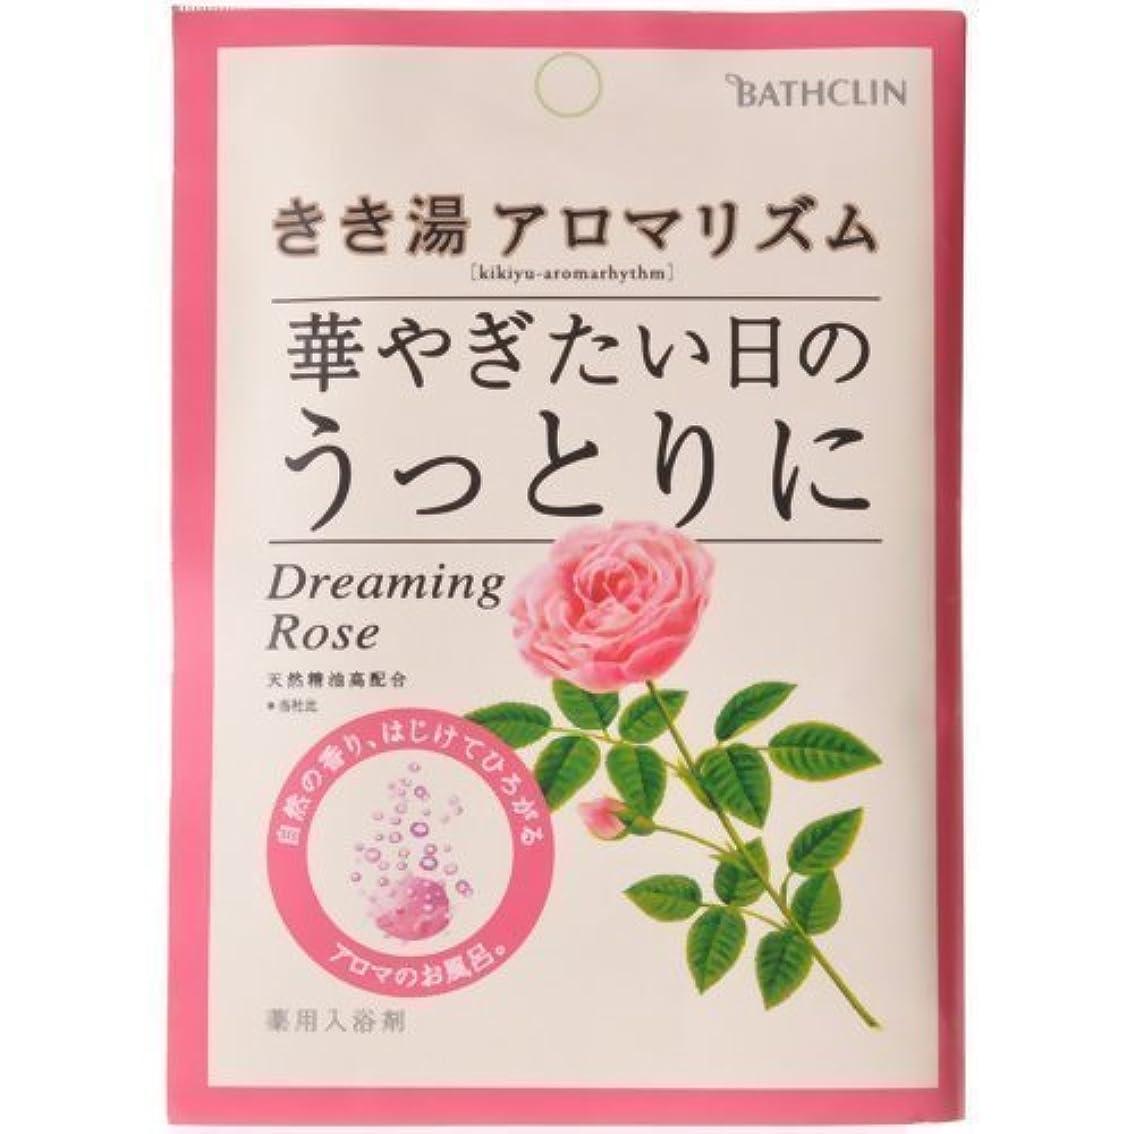 毎週感動する頂点きき湯 アロマリズム ドリーミングローズの香り 30g